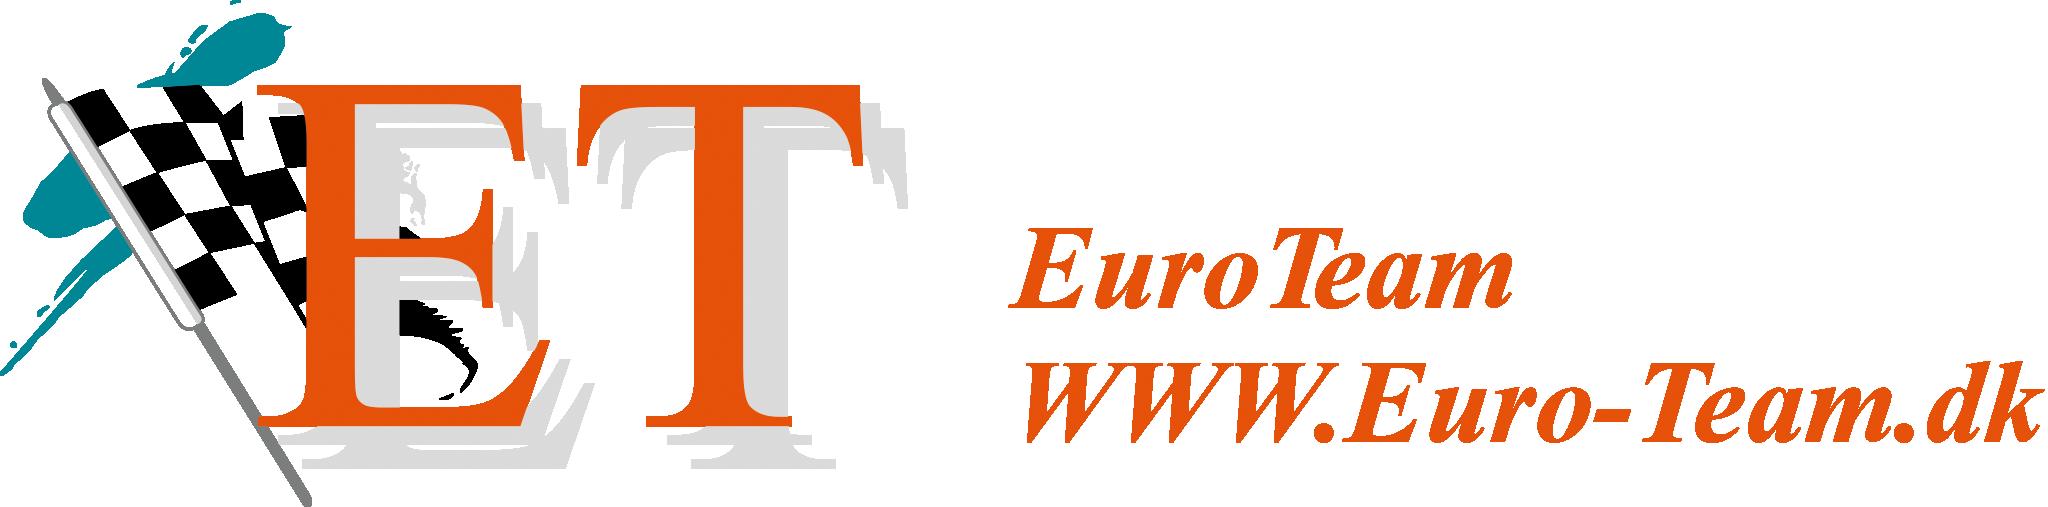 euro-team_sponsor_oenserhvervsnetvaerk